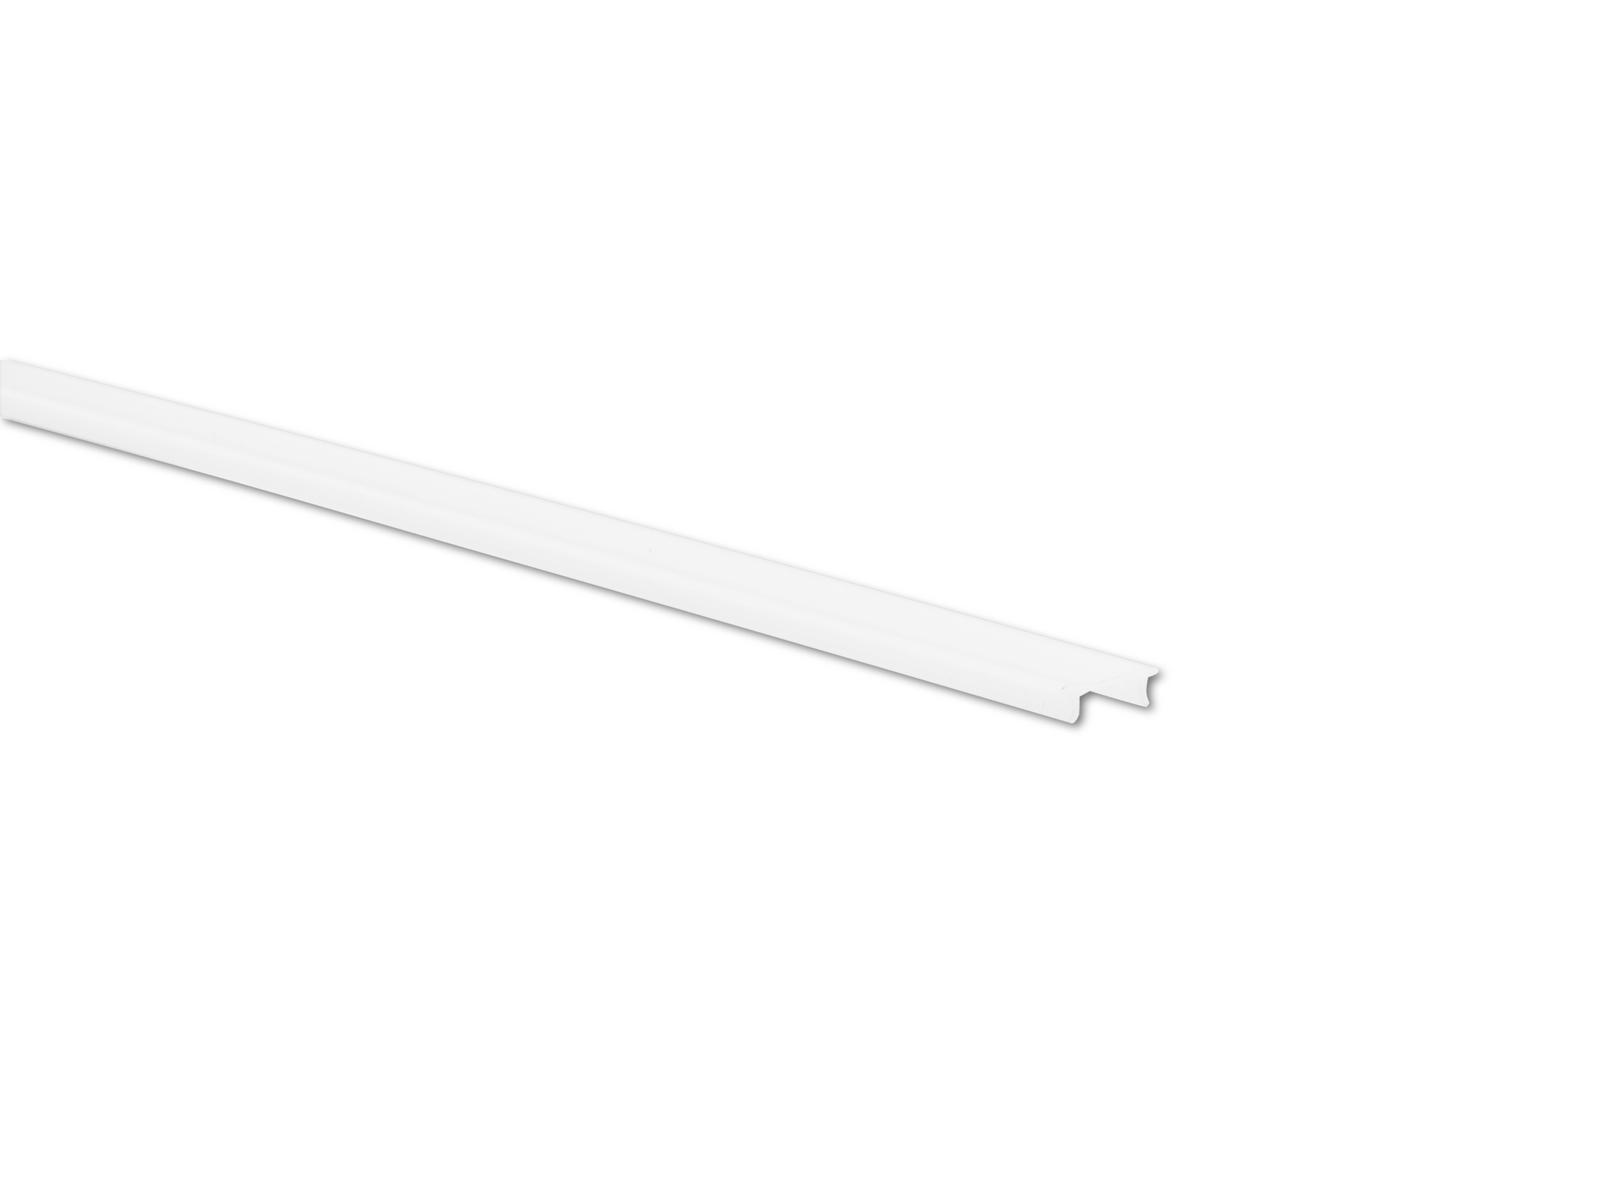 EUROLITE Deckel für LED Strip Profile milchig 4m